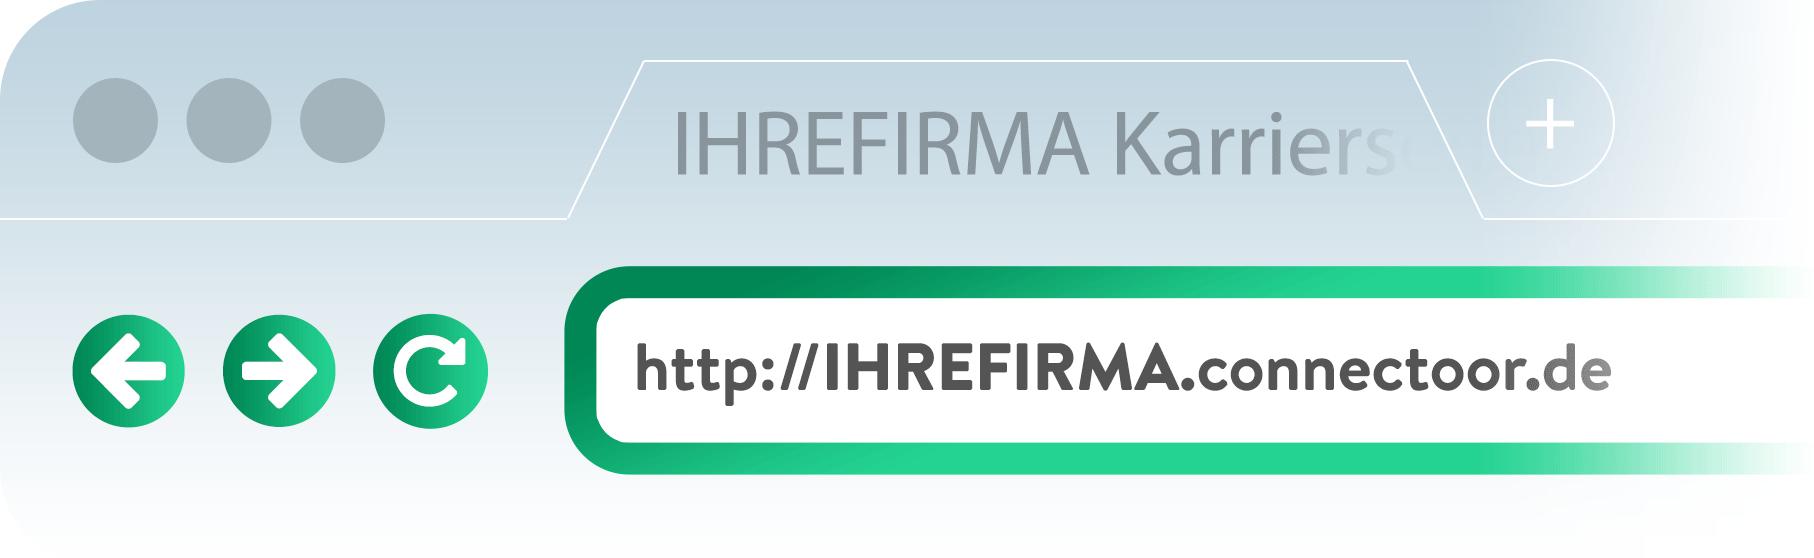 Connectoor-Karrierseite-eigene-URL